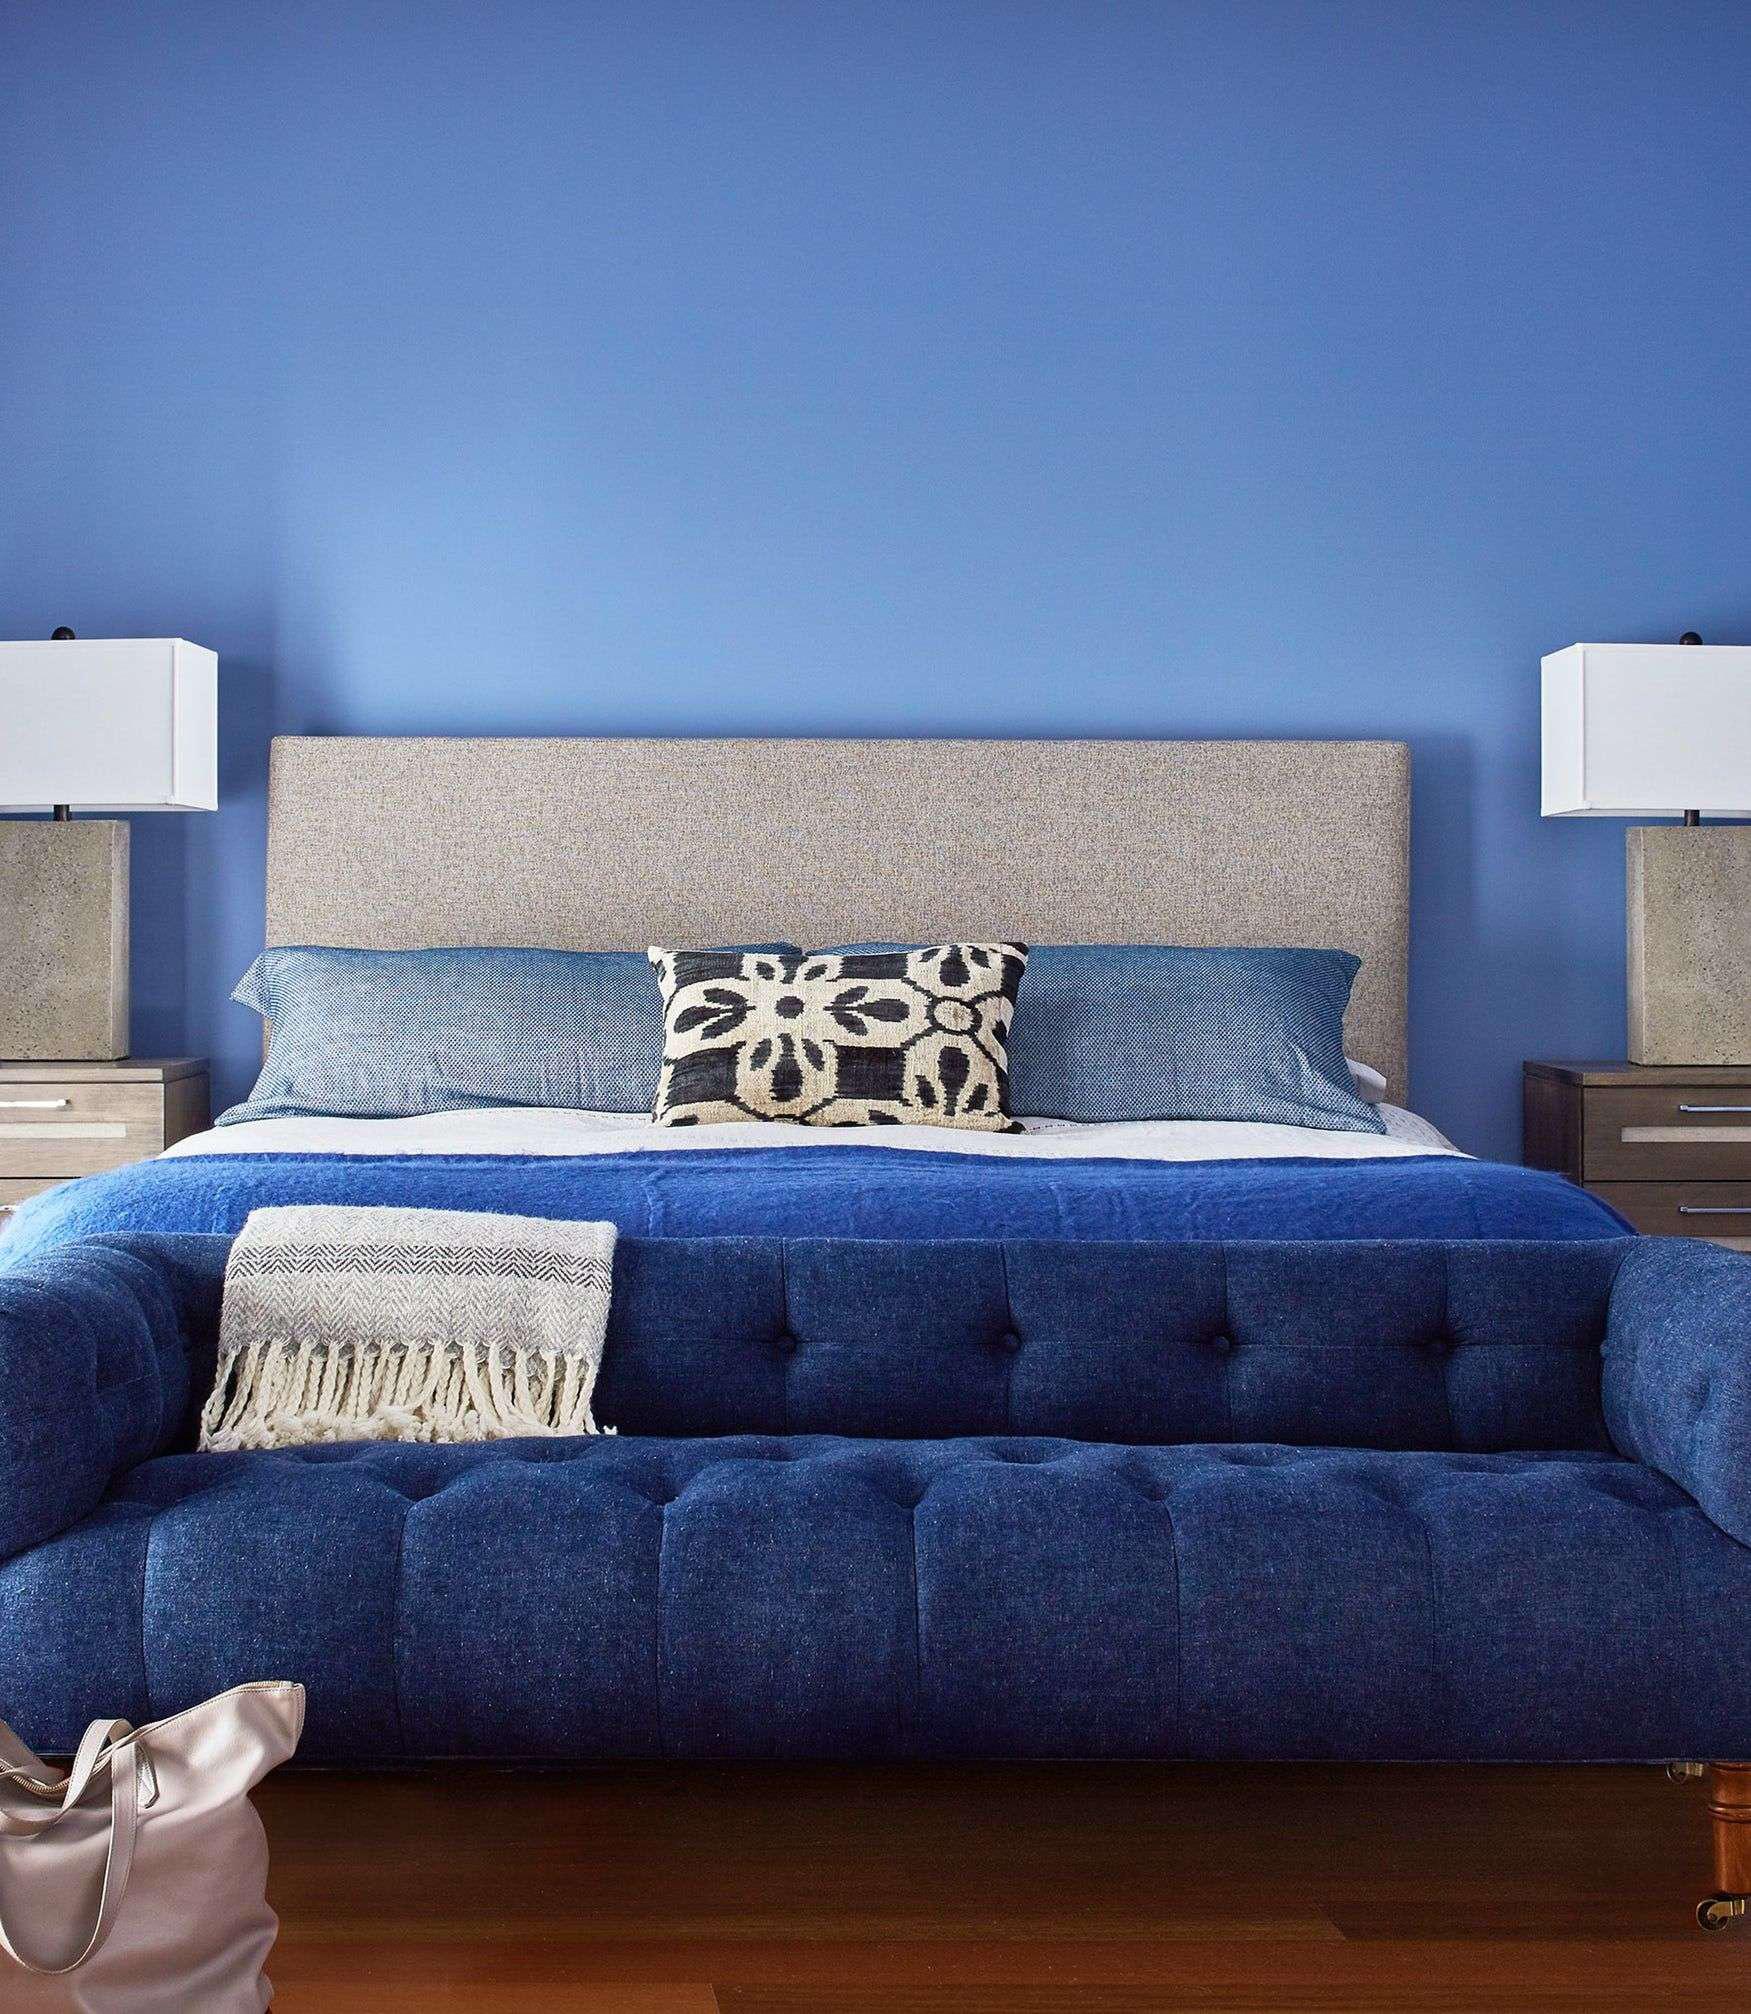 Sức lôi cuốn khó lòng chối từ những căn phòng ngủ mang sắc xanh biển cả - Ảnh 2.